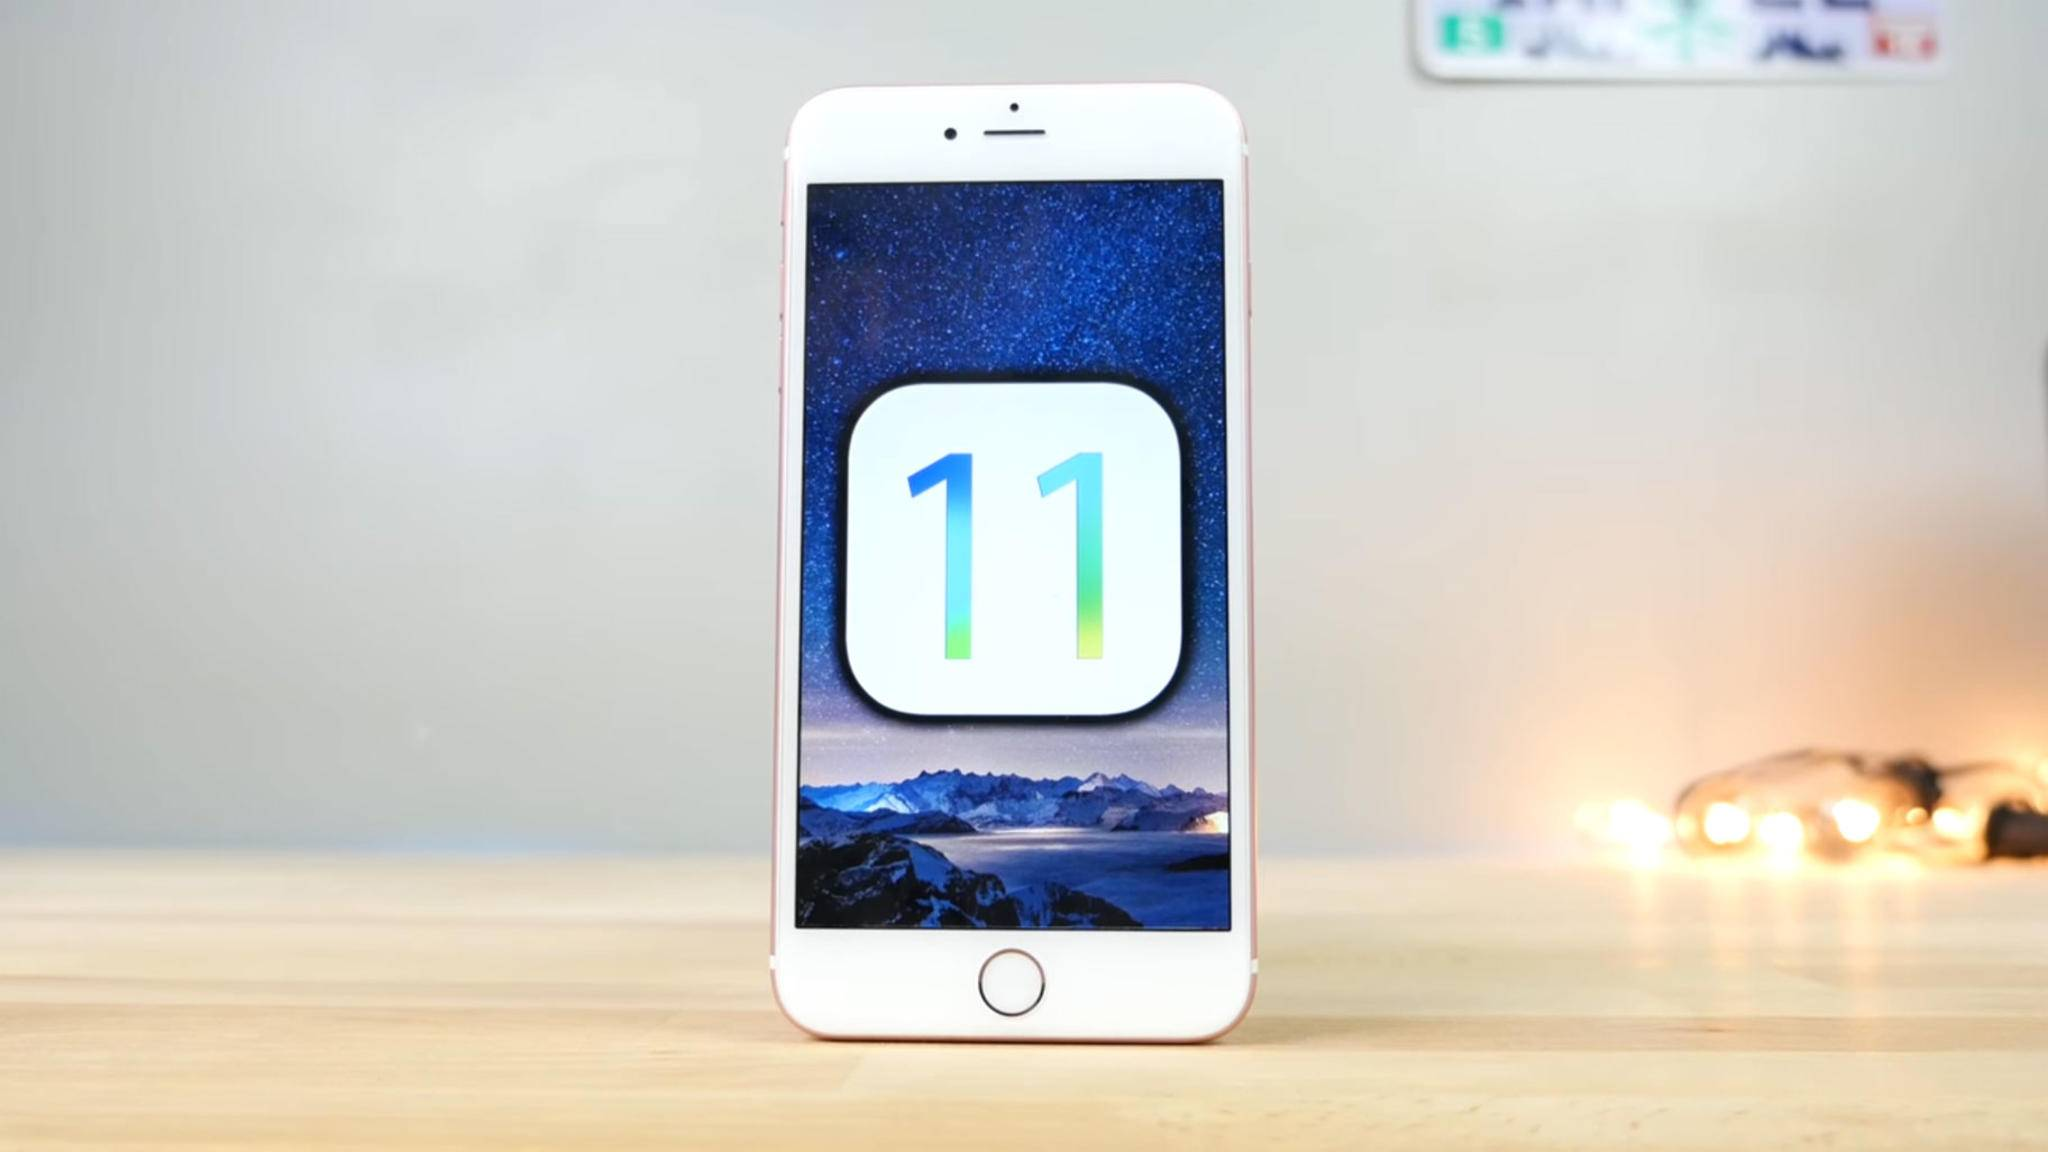 IOS 11 IPHONE REAGIERT NICHT MEHR